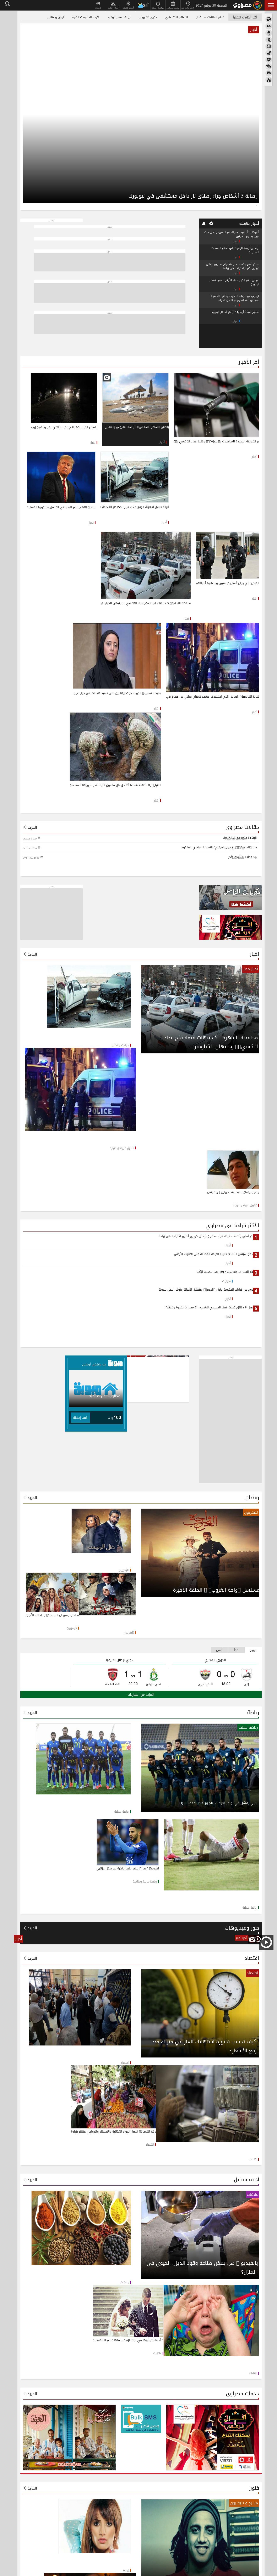 Masrawy at Friday June 30, 2017, 8:11 p.m. UTC